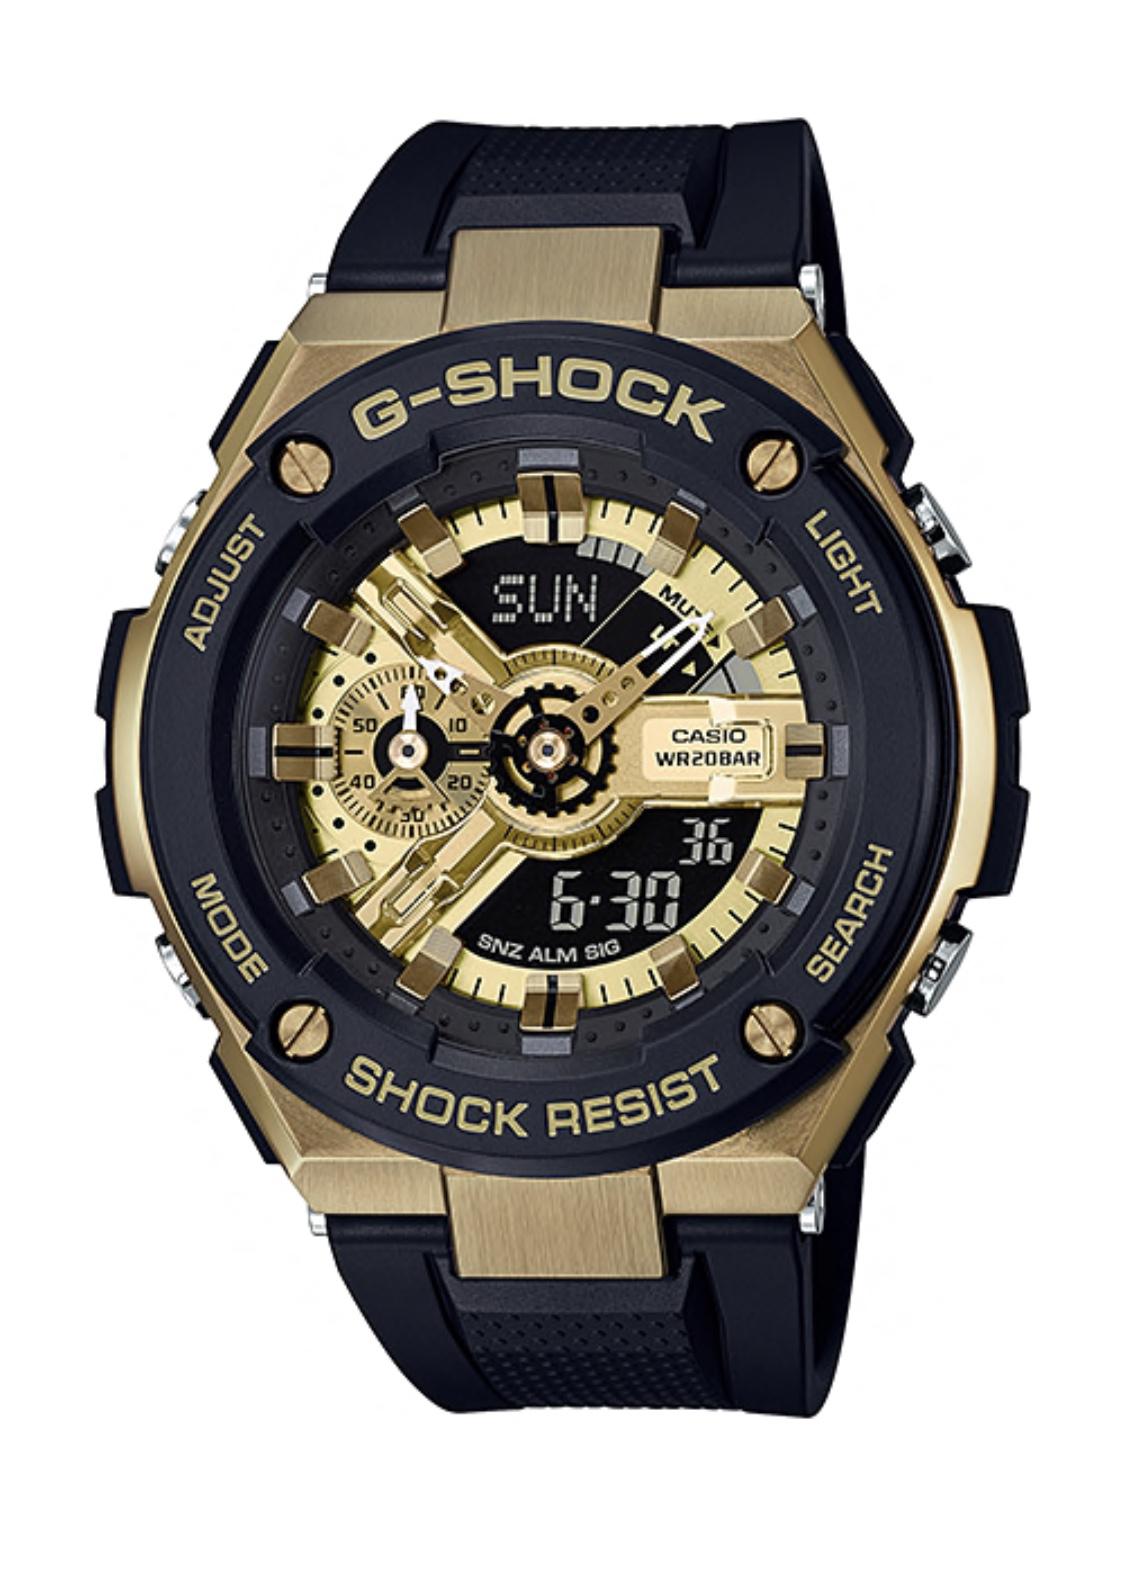 นาฬิกา Casio G-Shock G-STEEL GST-400 series รุ่น GST-400G-1A9 ของแท้ รับประกันศูนย์ 1 ปี